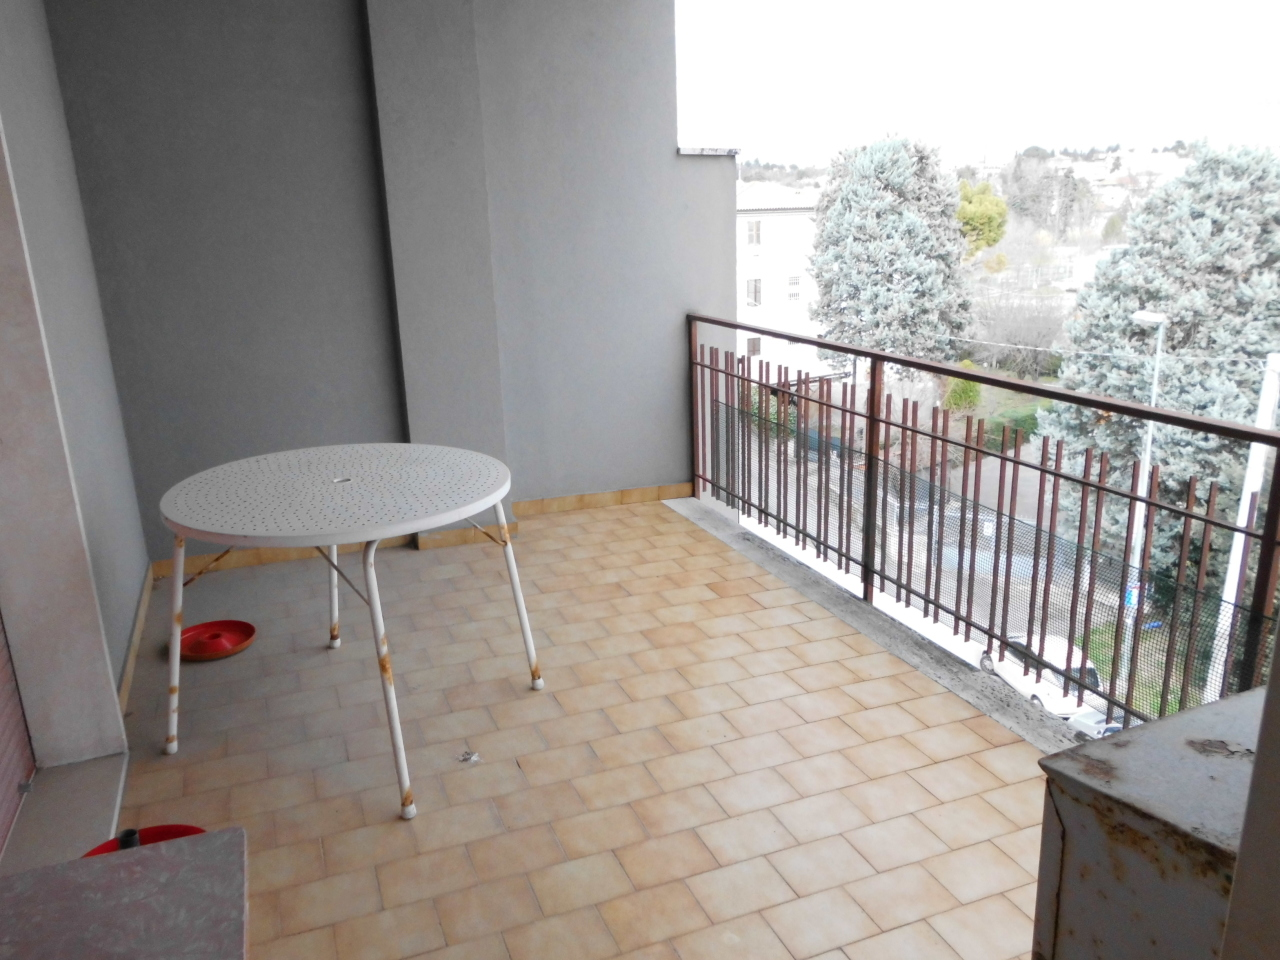 Appartamento in vendita a Jesi, 5 locali, prezzo € 160.000 | Cambio Casa.it